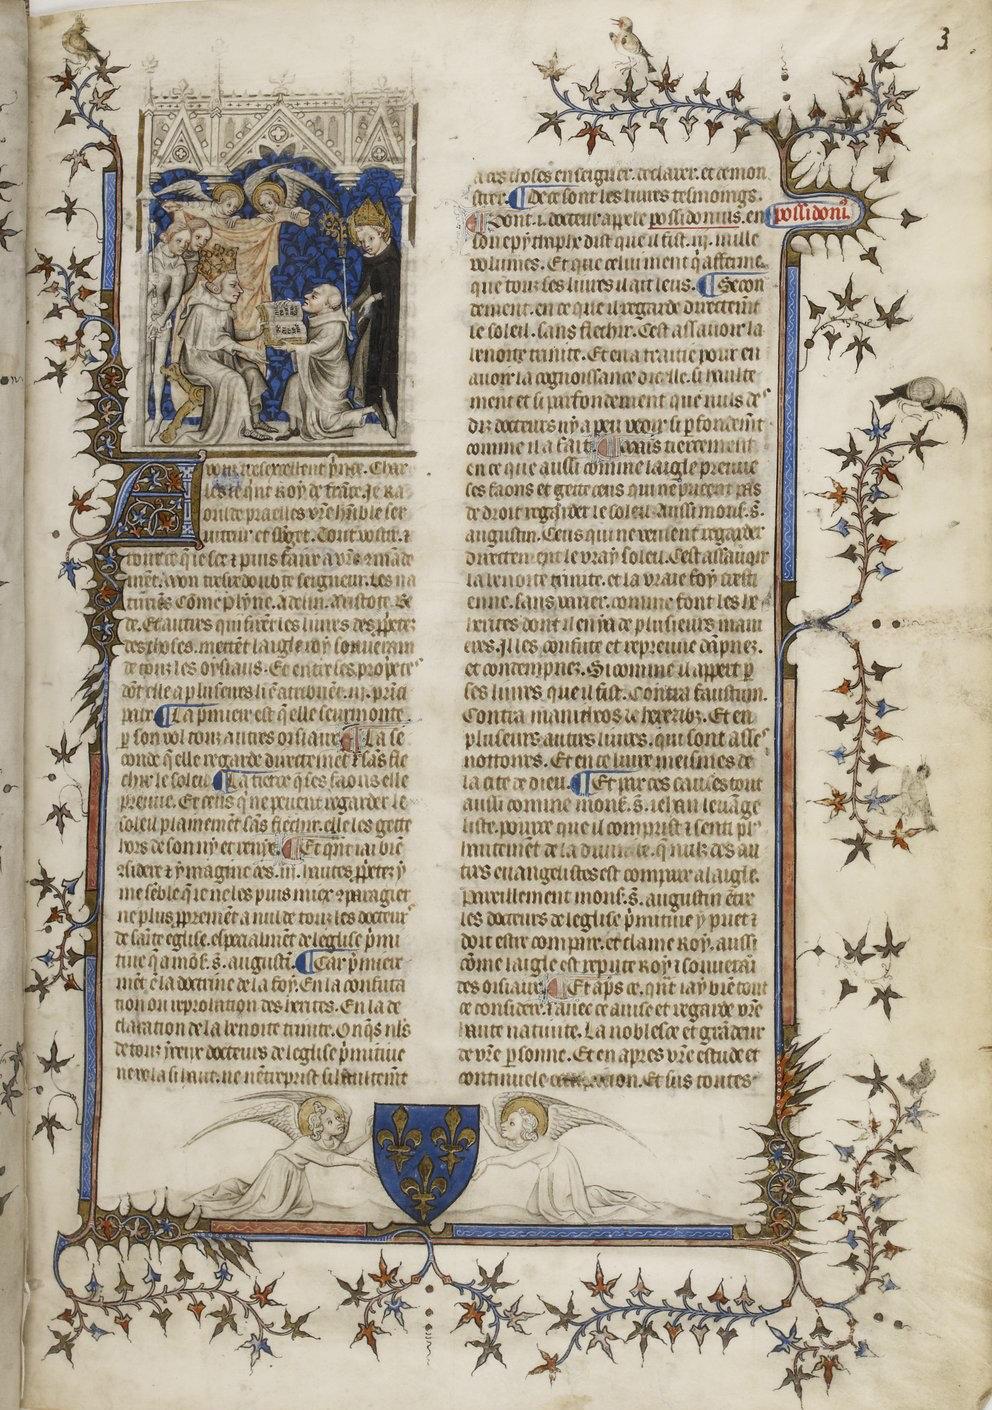 Saint Augustine, De Civitate Dei, French translation by Raoul de Presles f11, Paris, 14th century (c. 1376), French National Library, Manuscripts, Français 22912 Parchment, 445 ff., 276 x 195 mm, Public Domain Mark